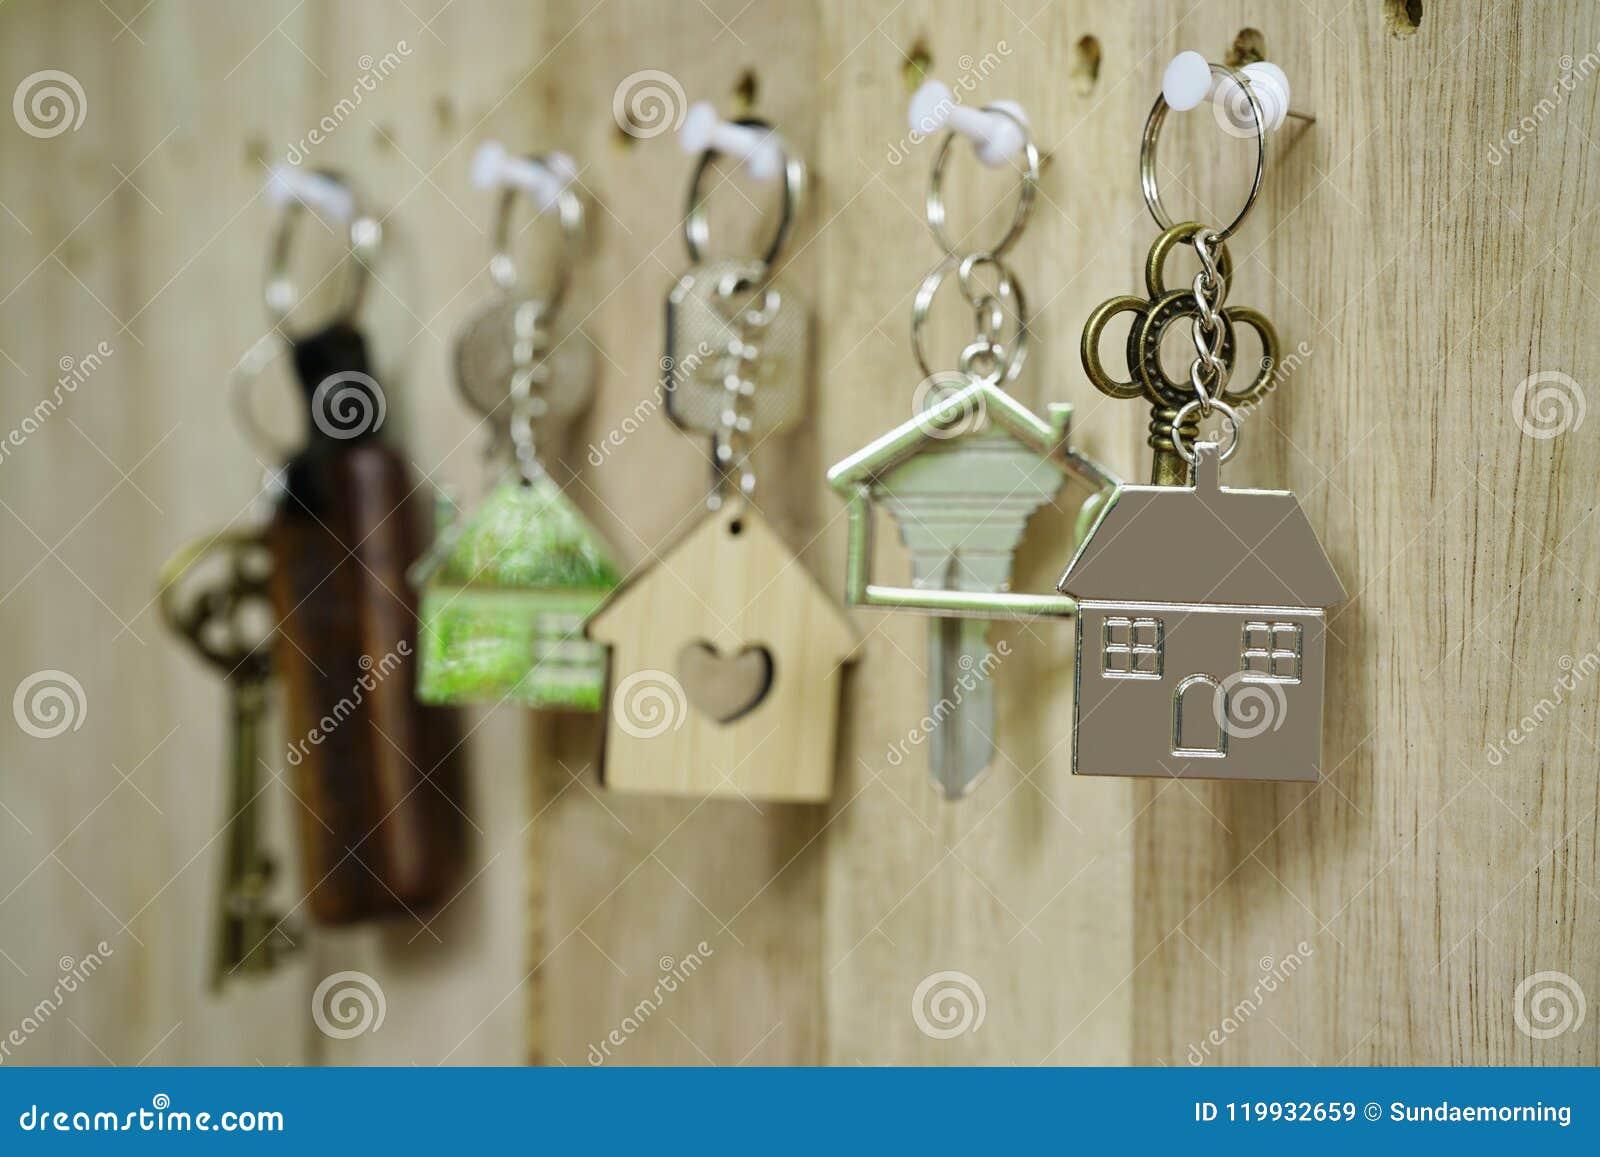 Chiave della Camera con l anello portachiavi domestico di legno che appende sul fondo di legno del bordo, concetto della propriet